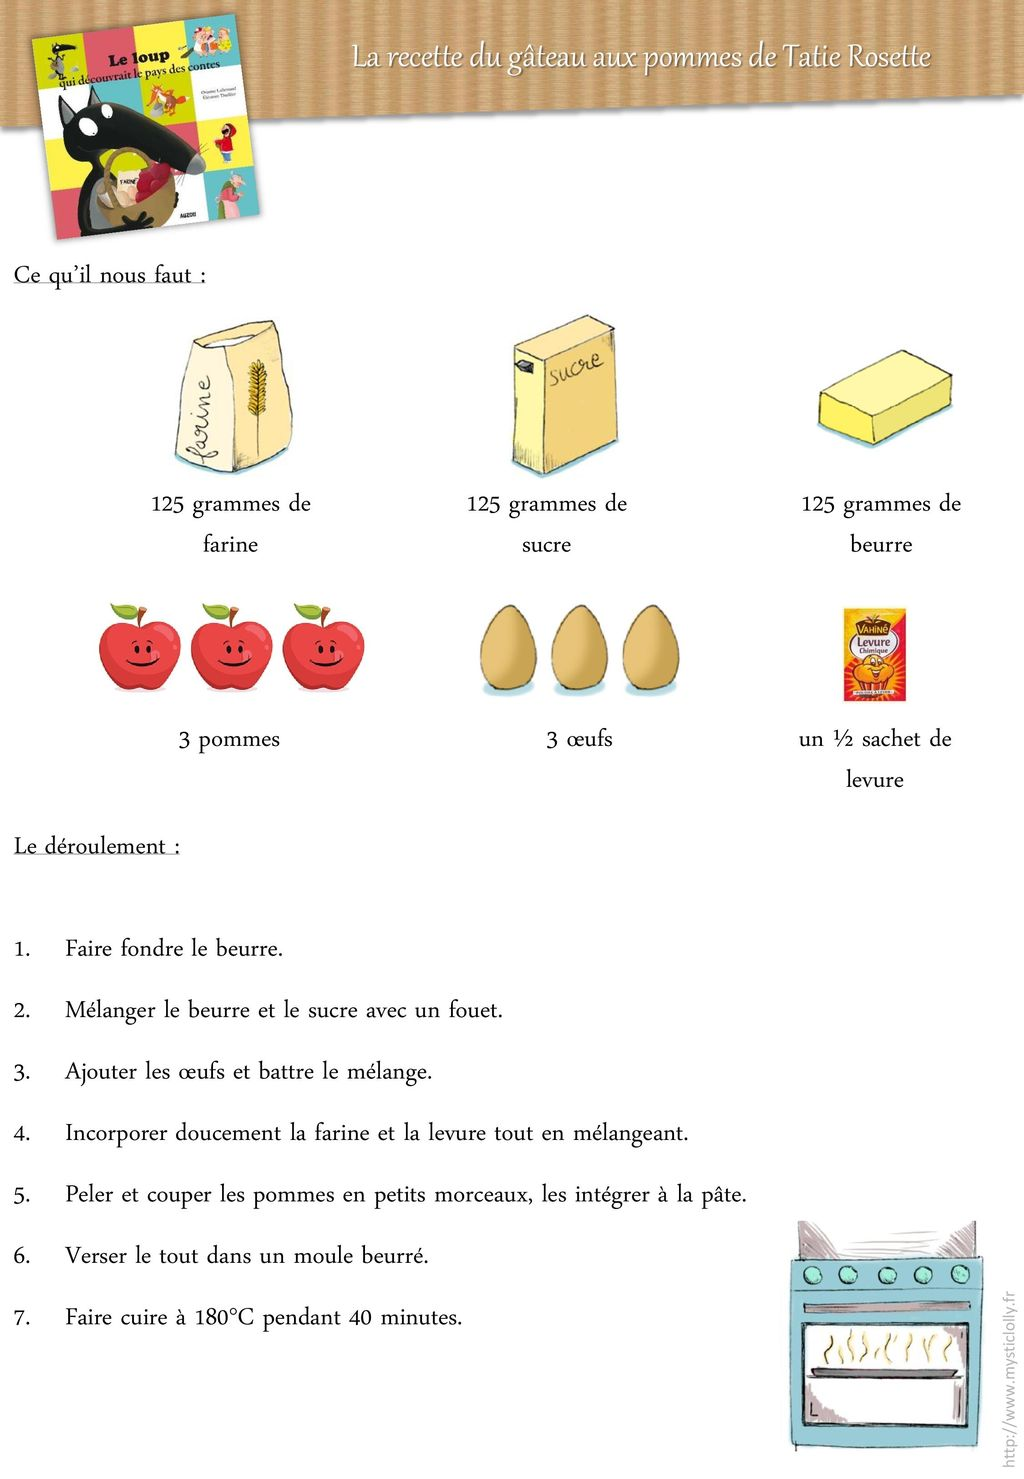 la recette du g teau aux pommes de tatie rosette ppt. Black Bedroom Furniture Sets. Home Design Ideas